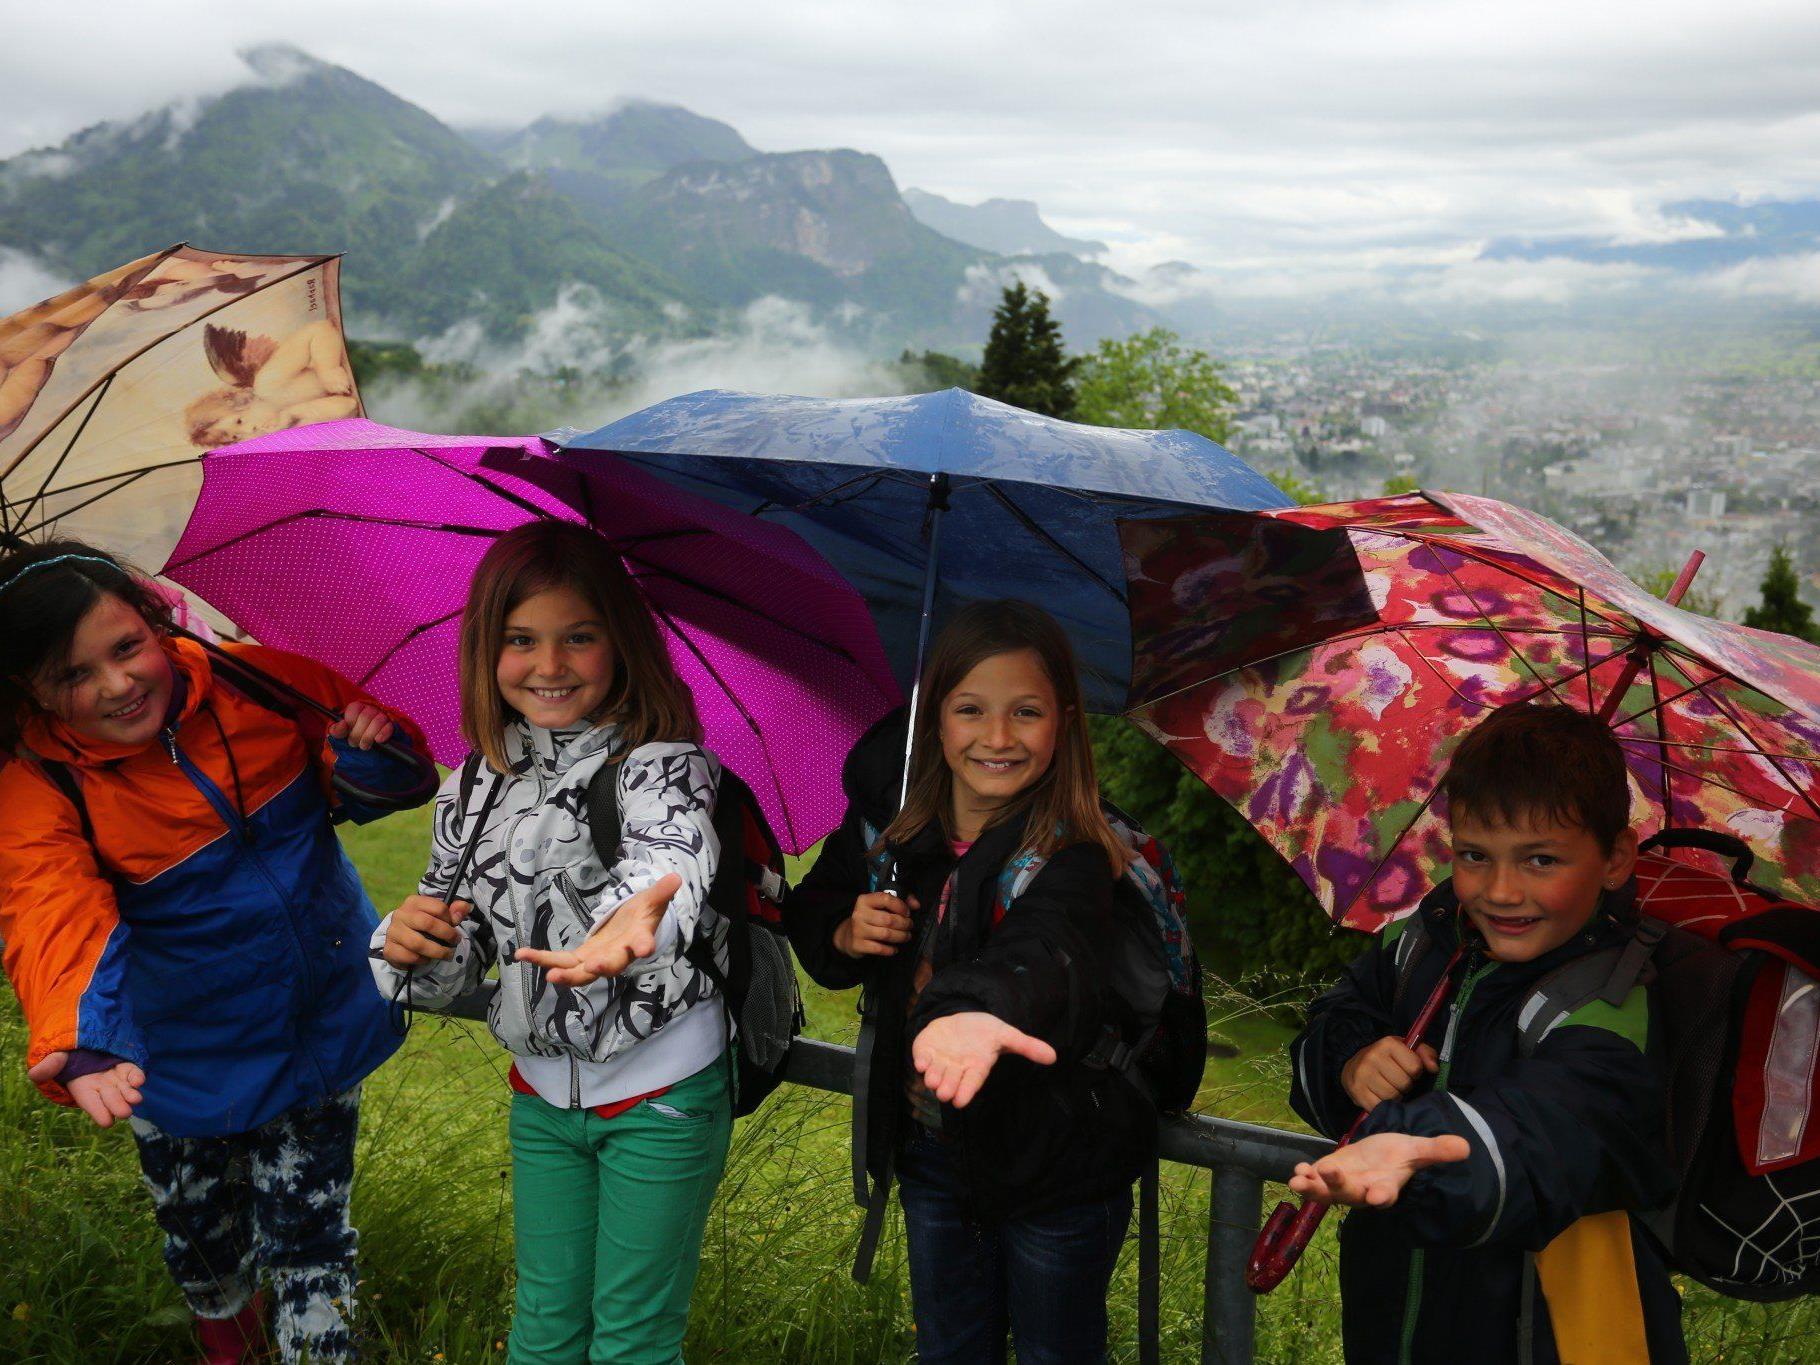 Bis über die Wochenmitte hinaus wird es zahlreiche Regenschauer geben.